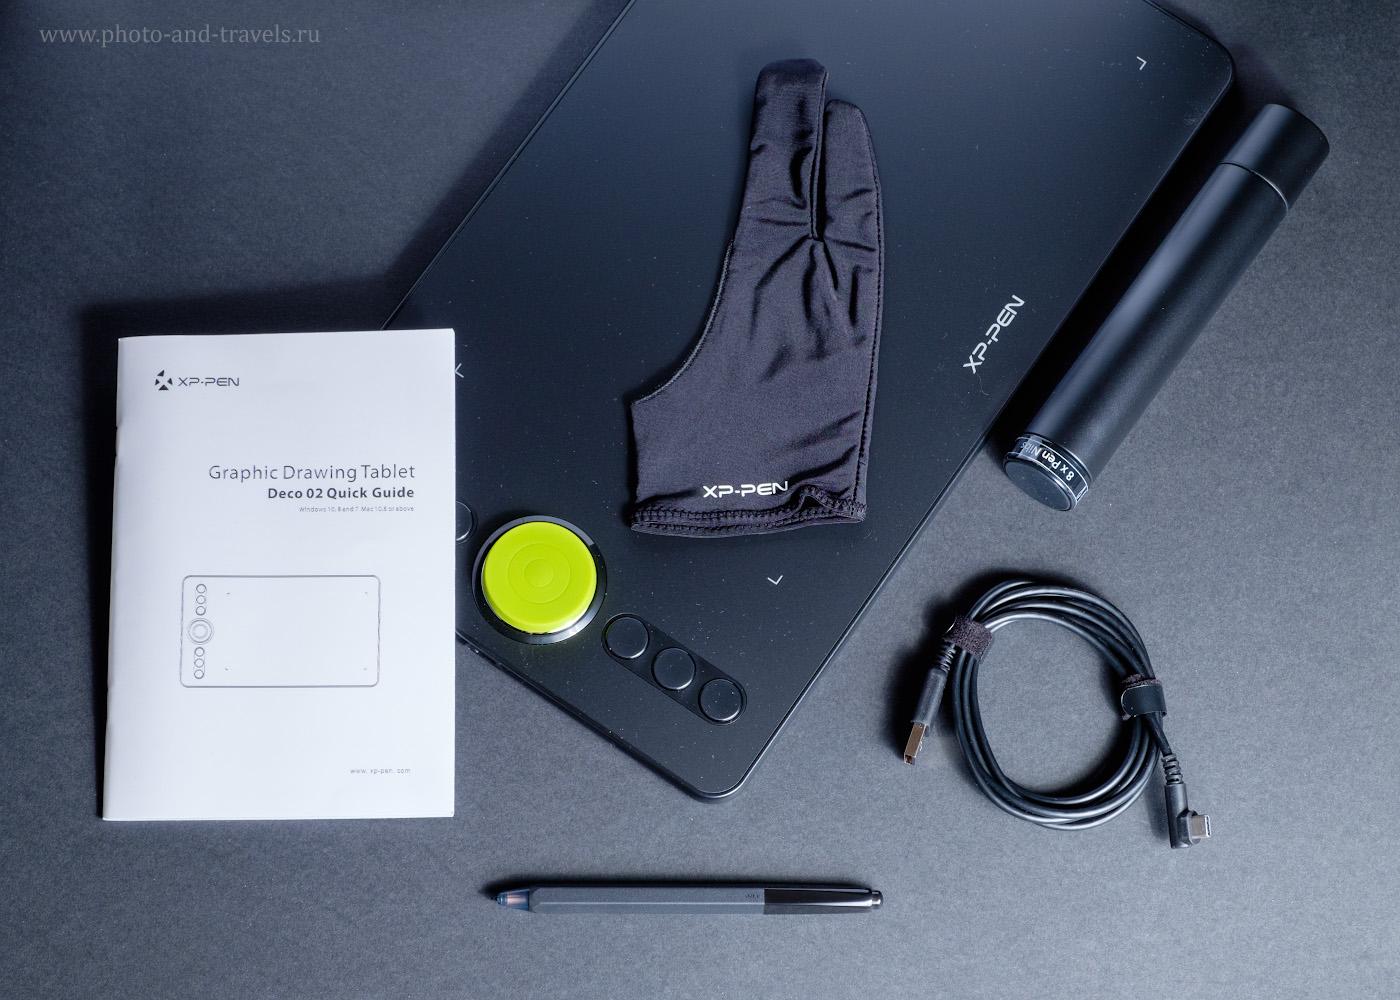 Фотография 2. Что идет в комплекте поставки с планшетом XP-PEN Deco 02? Инструкция, перчатка, пенал для пера и запасных наконечников, кабель USB и стилус.